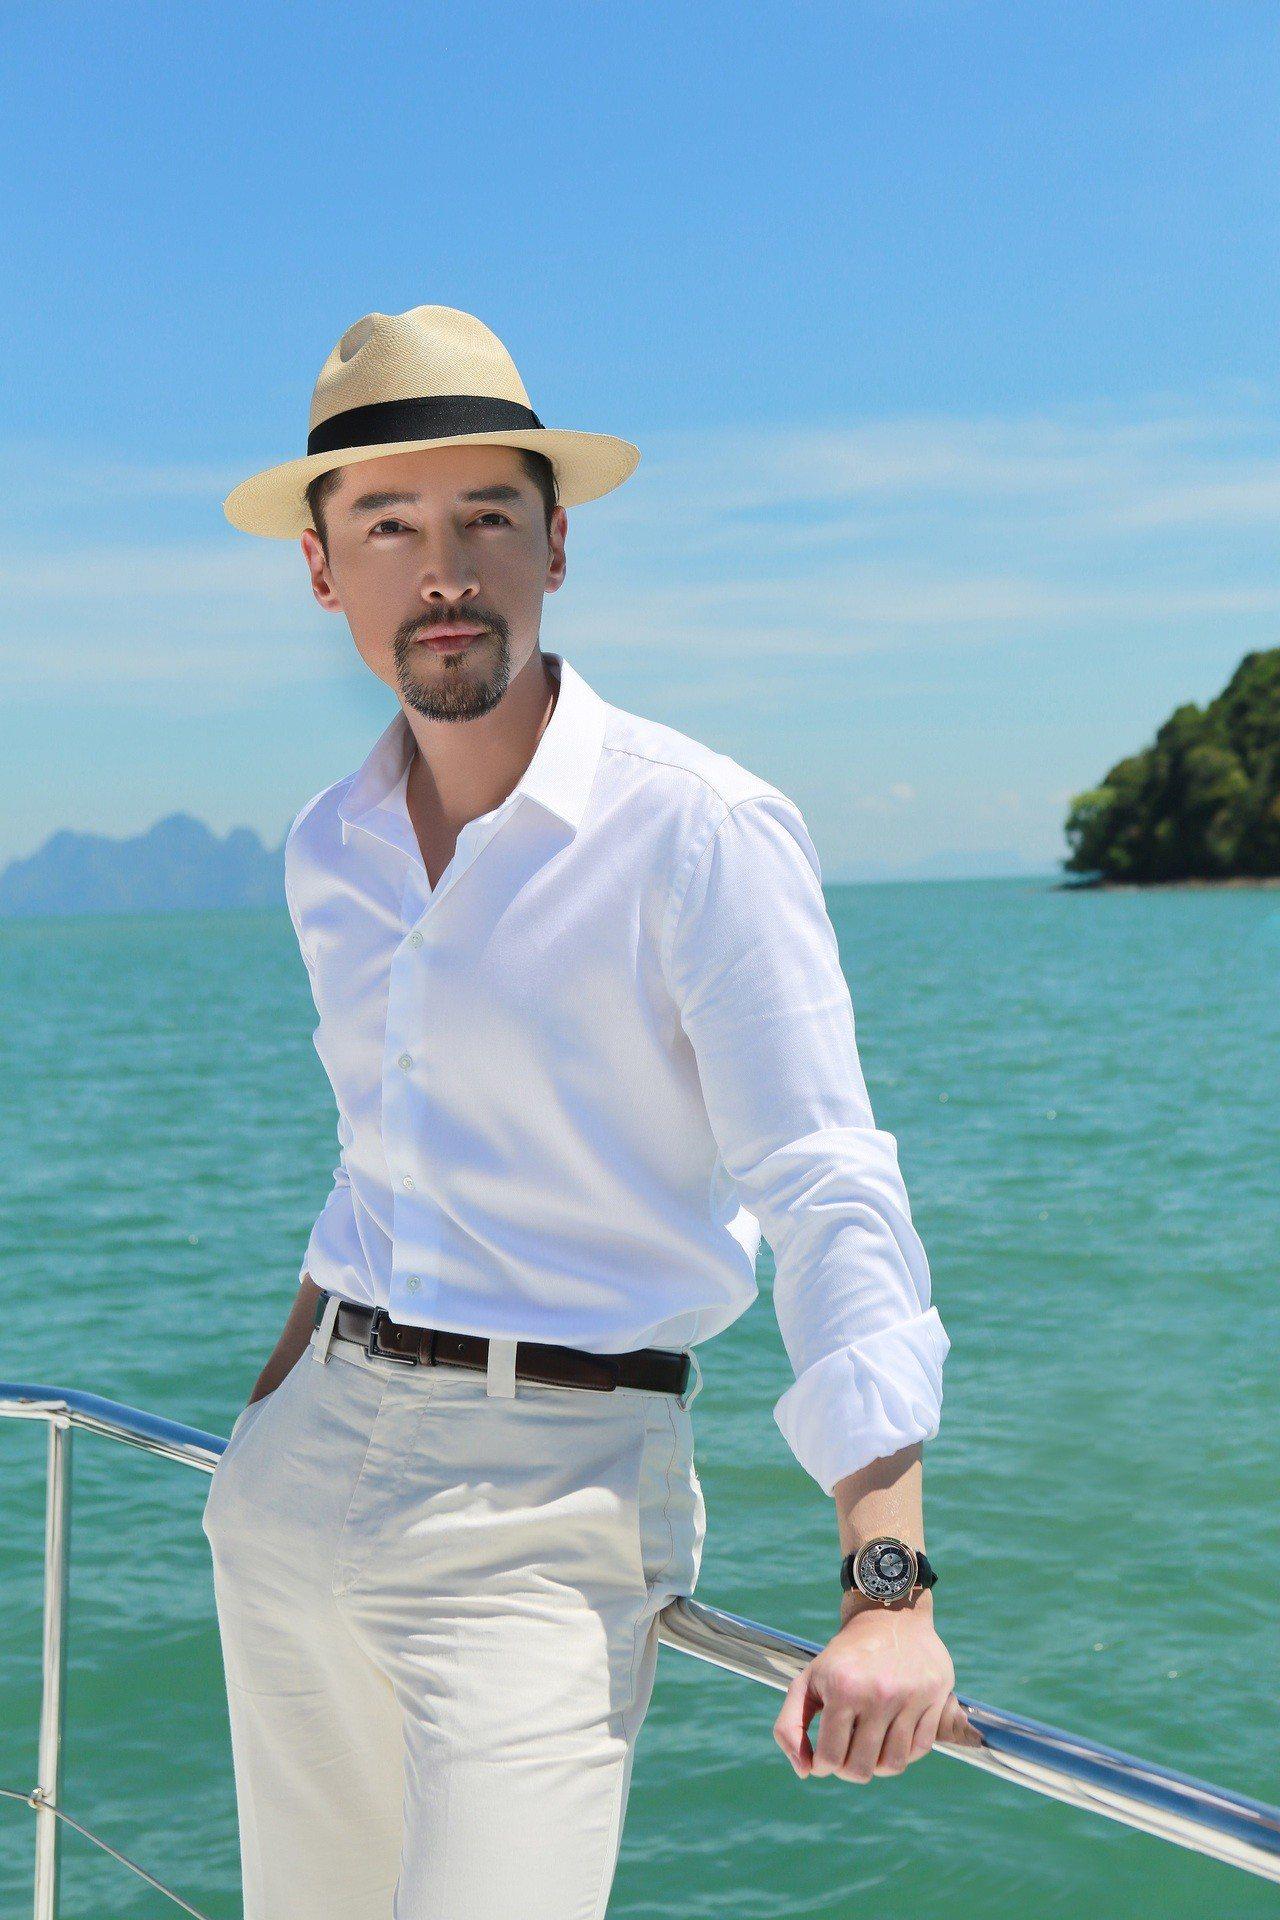 伯爵廣告形象首度啟用華人面孔,由品牌推廣大使胡歌演繹全新Altiplano系列腕...